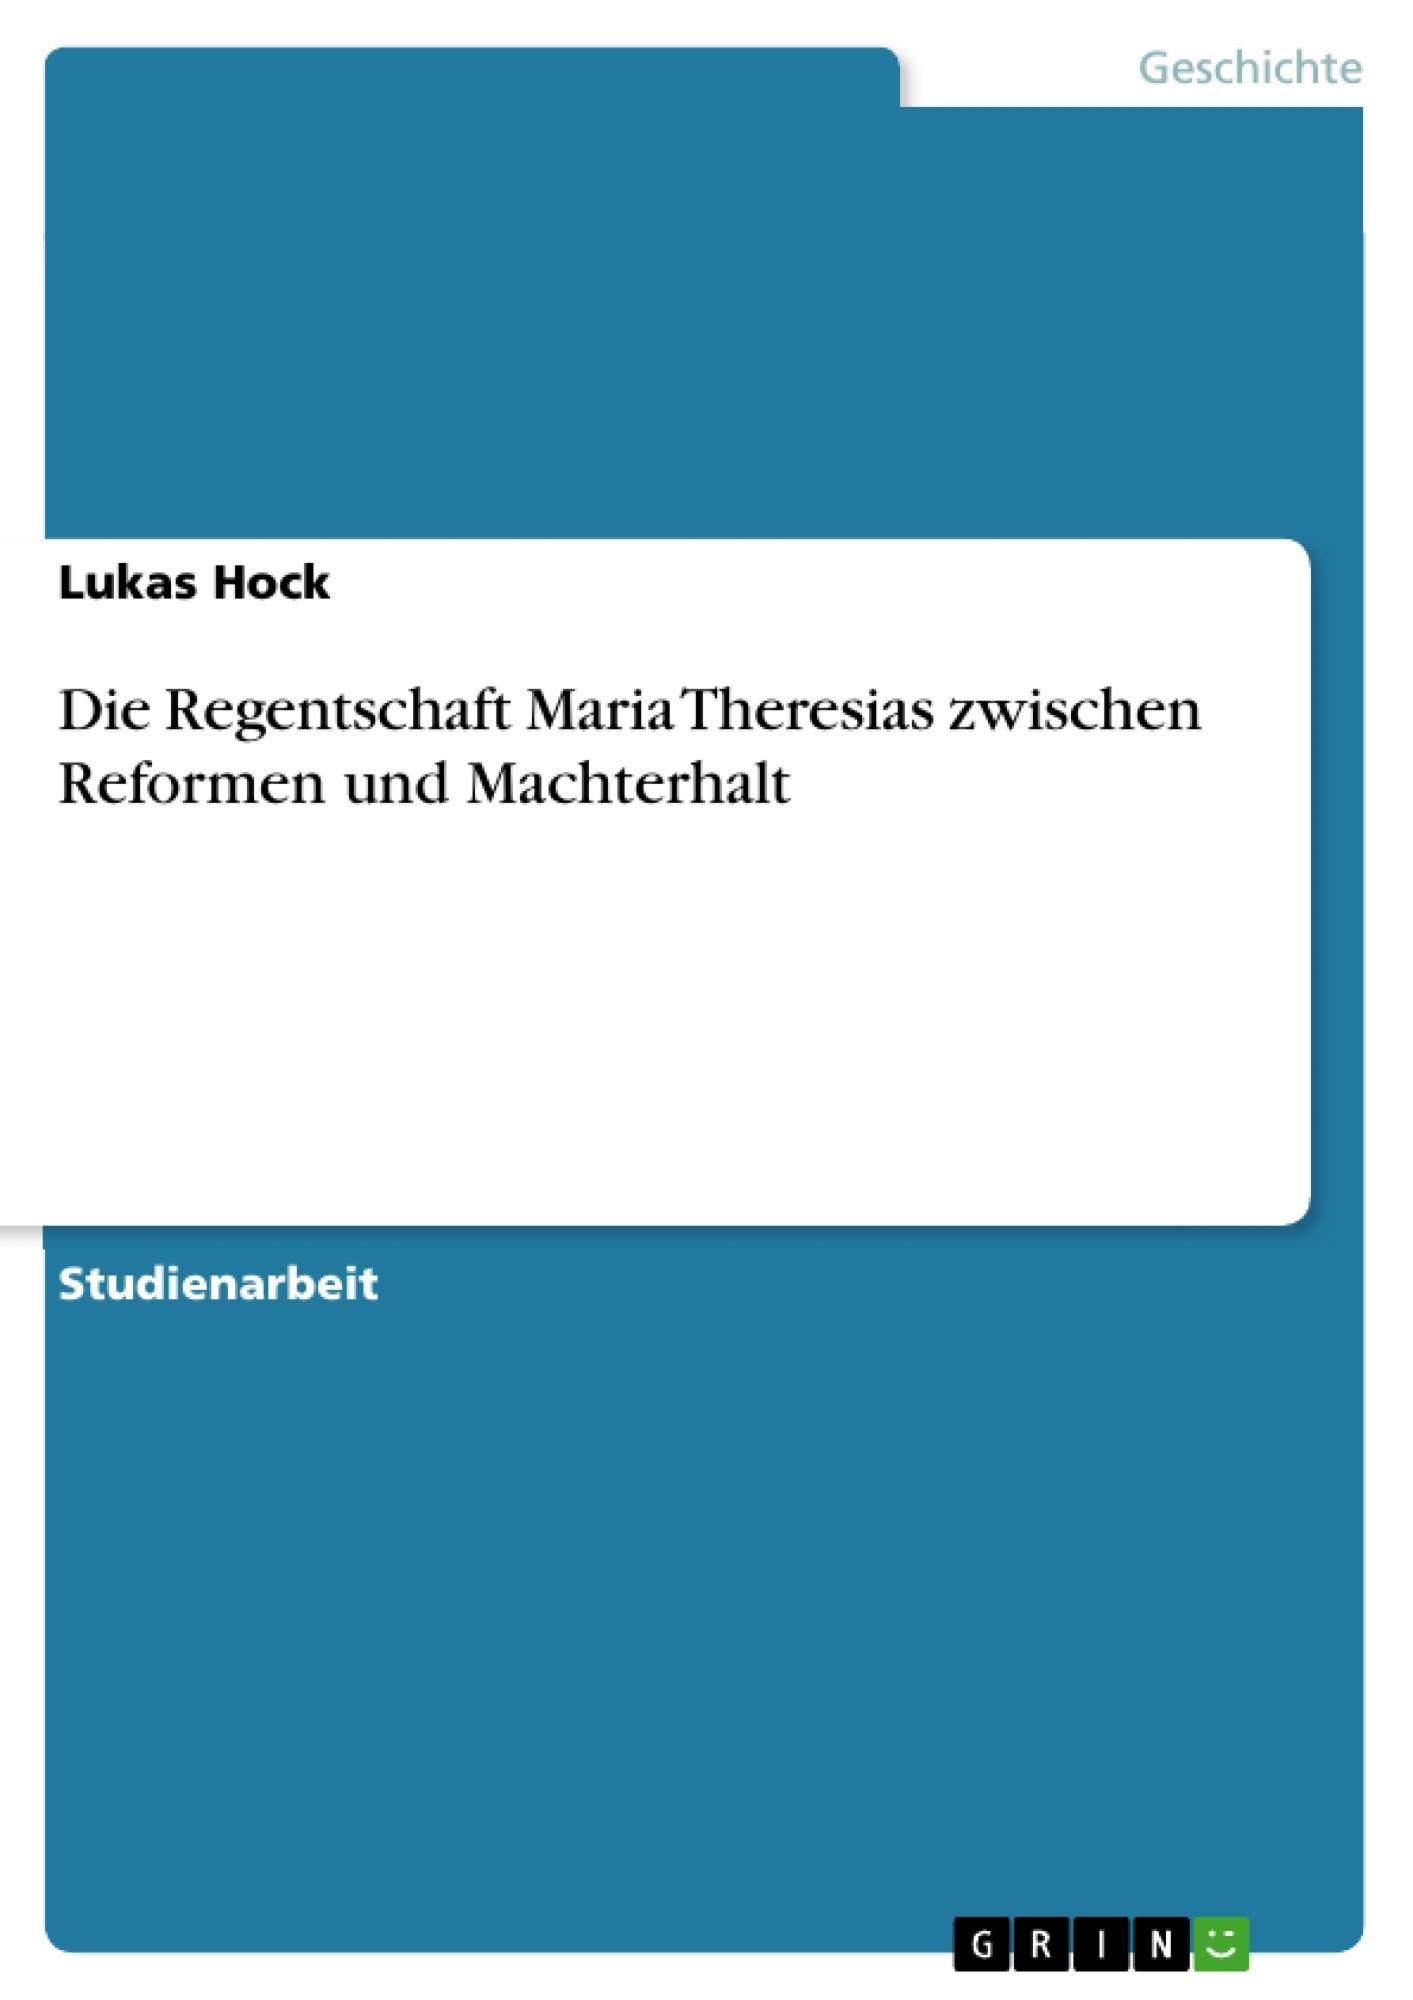 Titel: Die Regentschaft Maria Theresias zwischen Reformen und Machterhalt